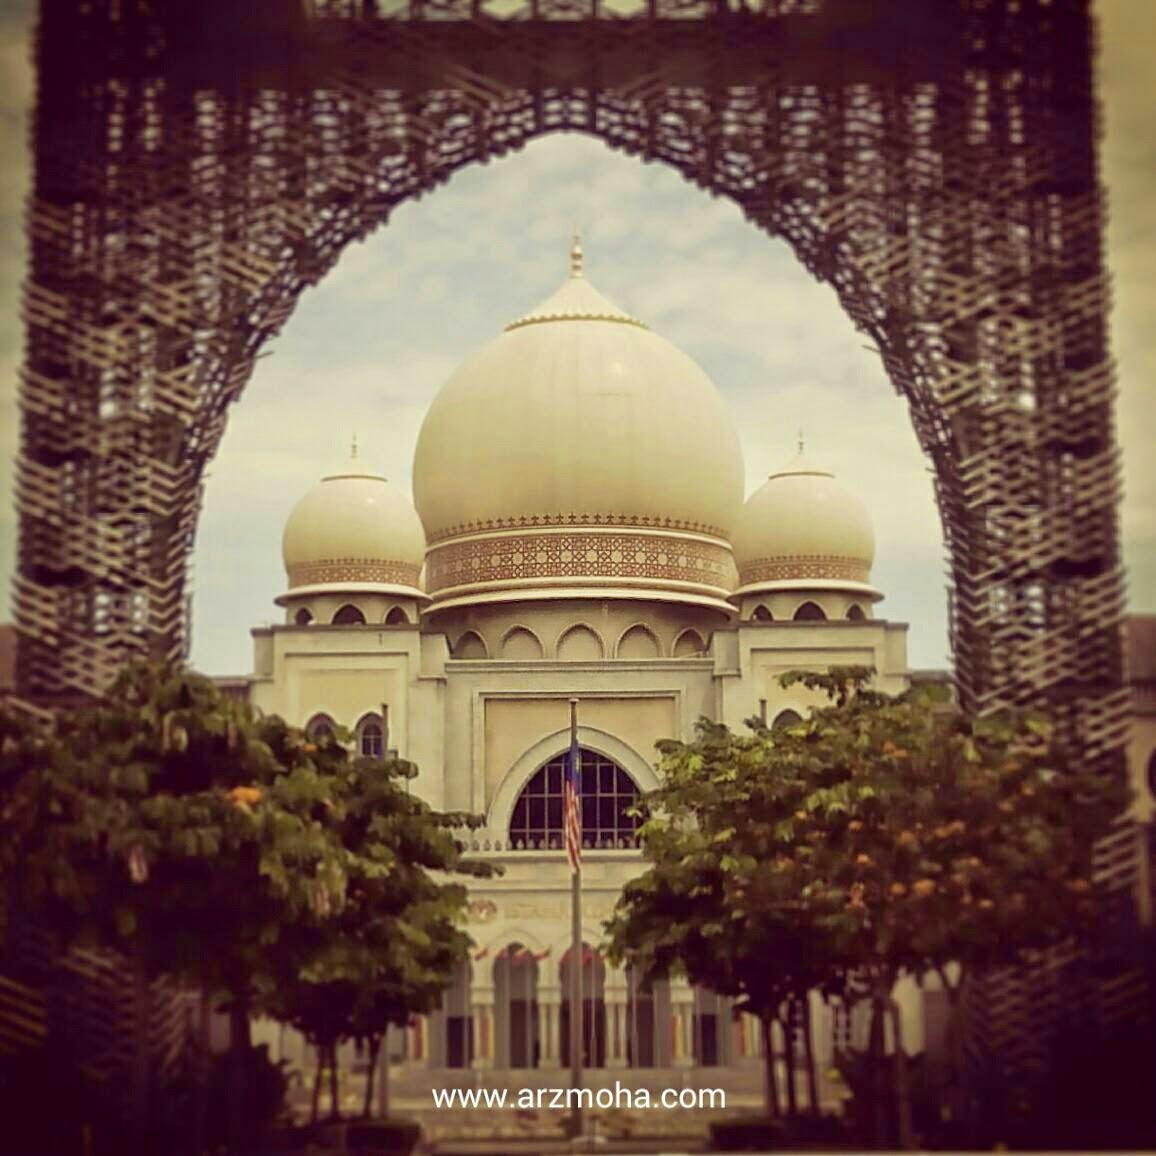 Tips, gambar cantik, gambar lawa, photography, architecture, istana kehakiman, palaca of justice, putrajya, malaysia, arzmoha